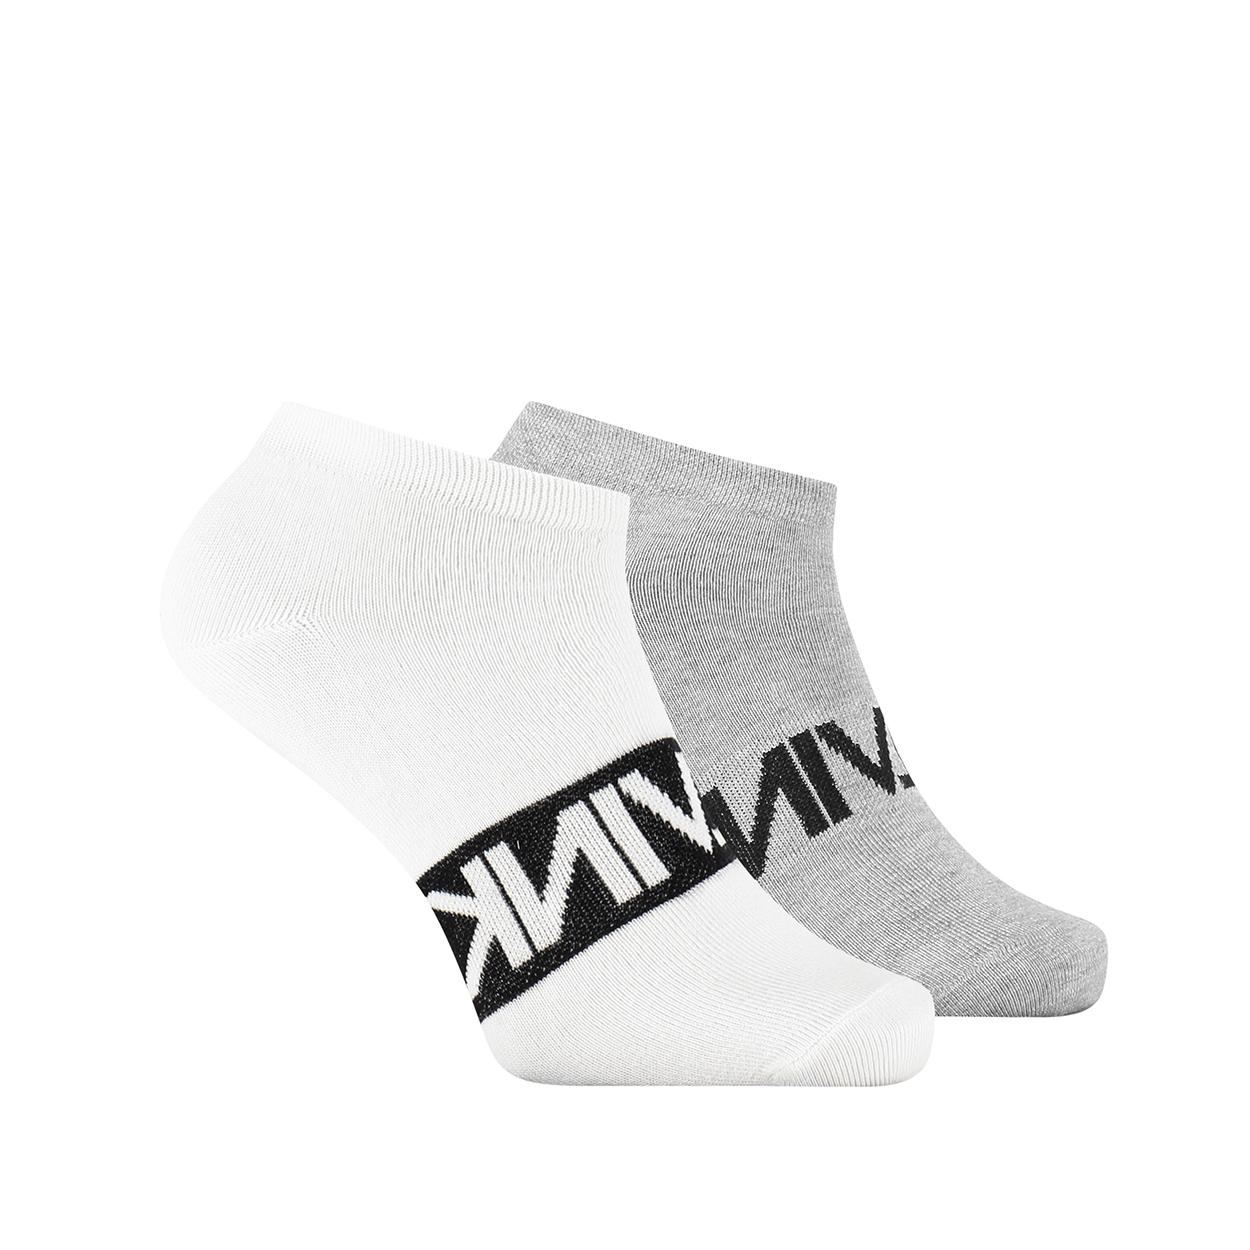 Lot de 2 paires de chaussettes basses calvin klein en coton mélangé stretch blanc et gris imprimés en noir